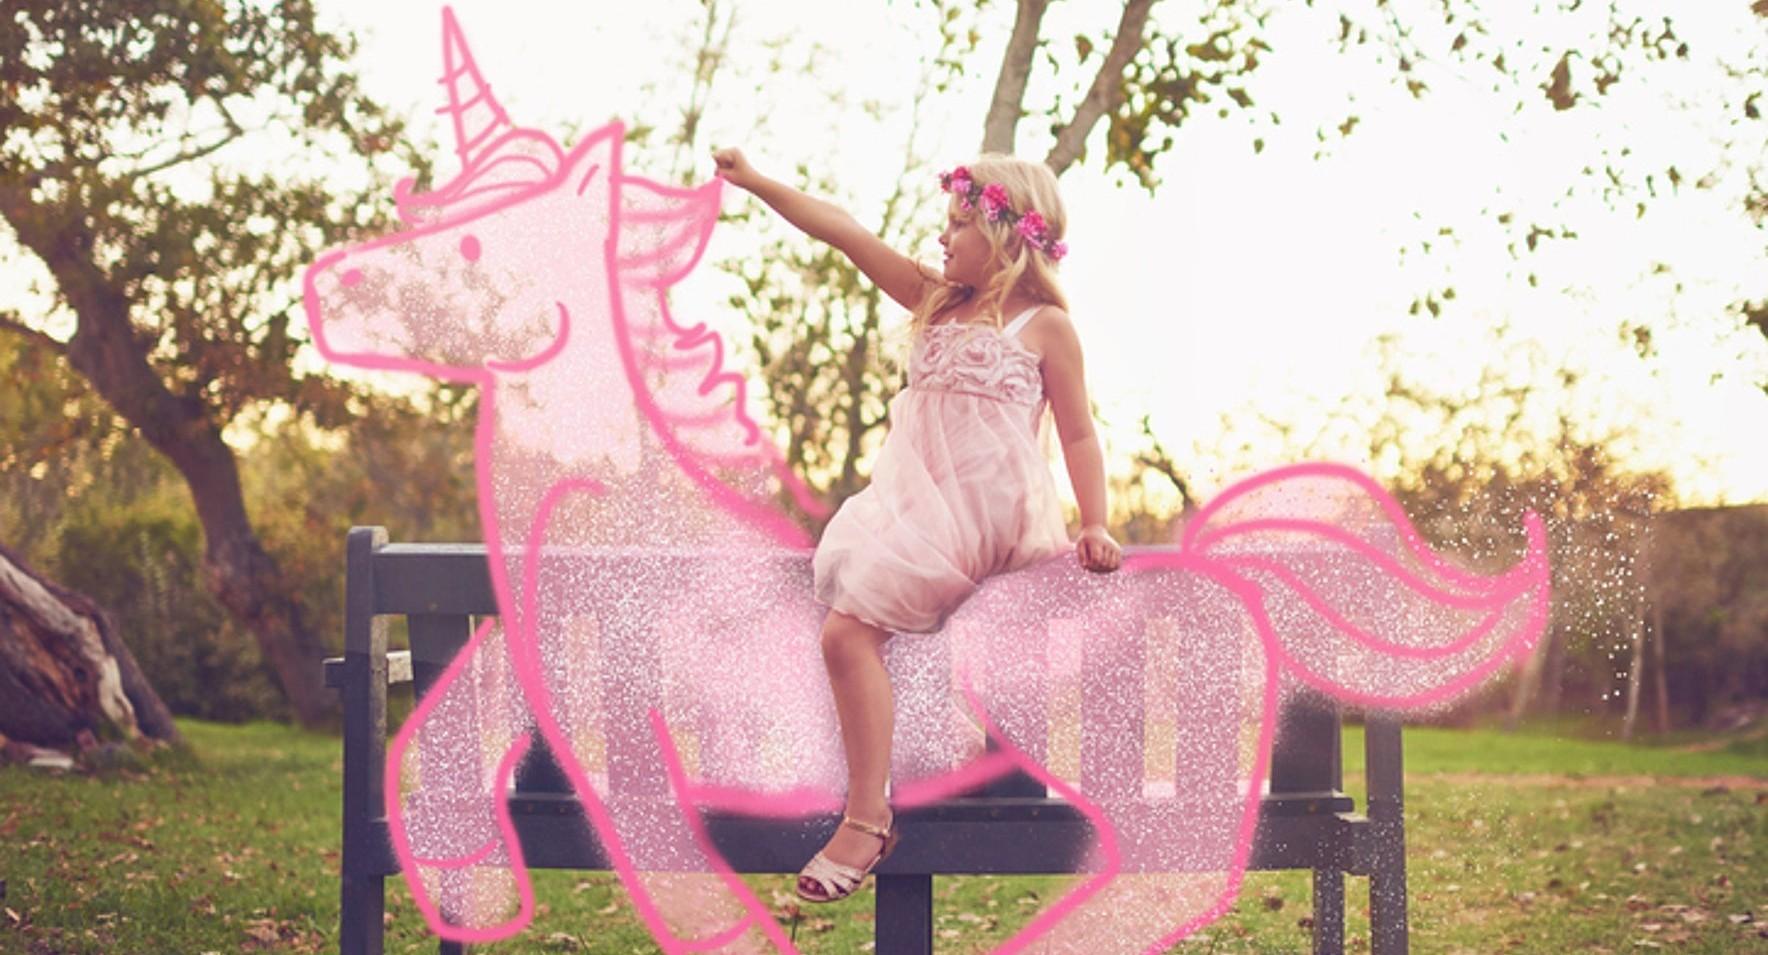 Prinsessenkleedje sale korting online